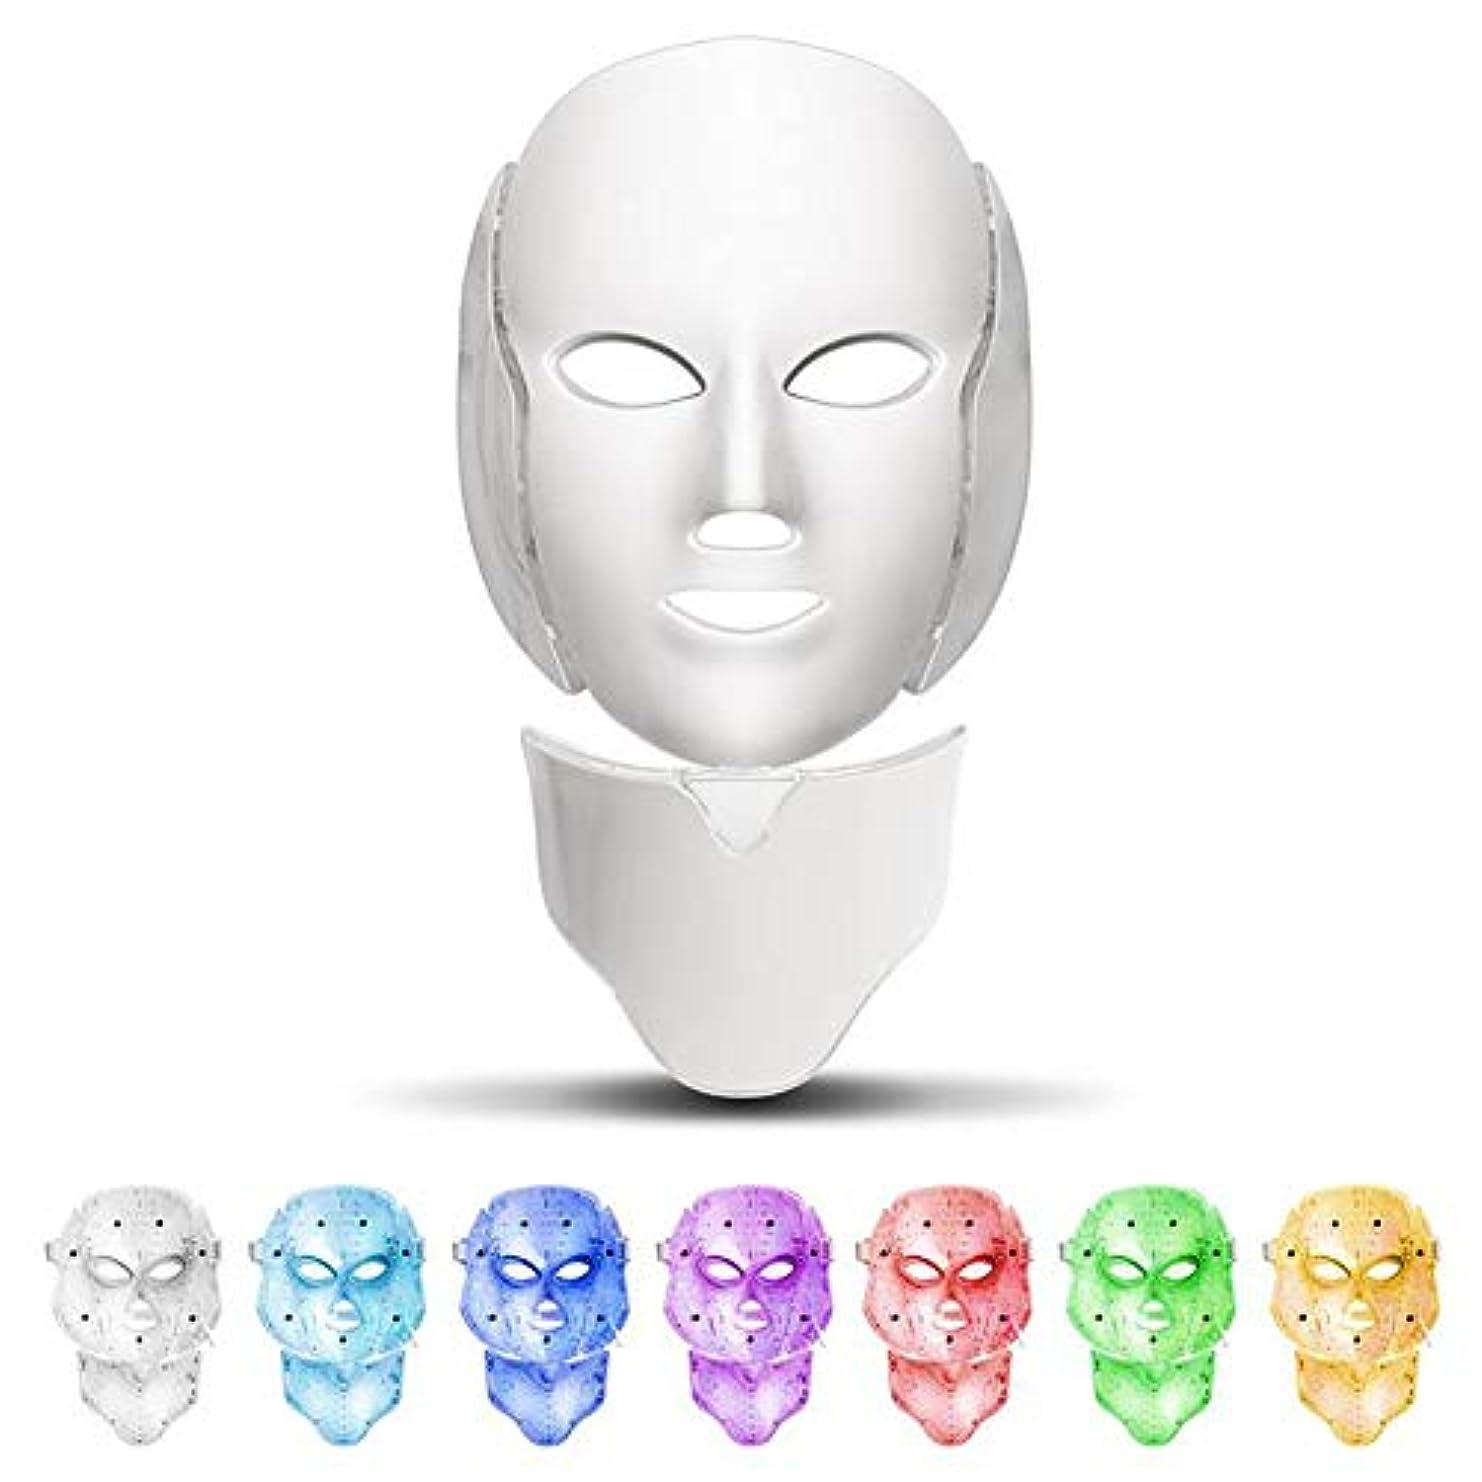 幾分特別な暴徒7色フェイシャルマスク、顔と首ネオン輝くLEDフェイスマスク電気顔スキンケア顔肌美容